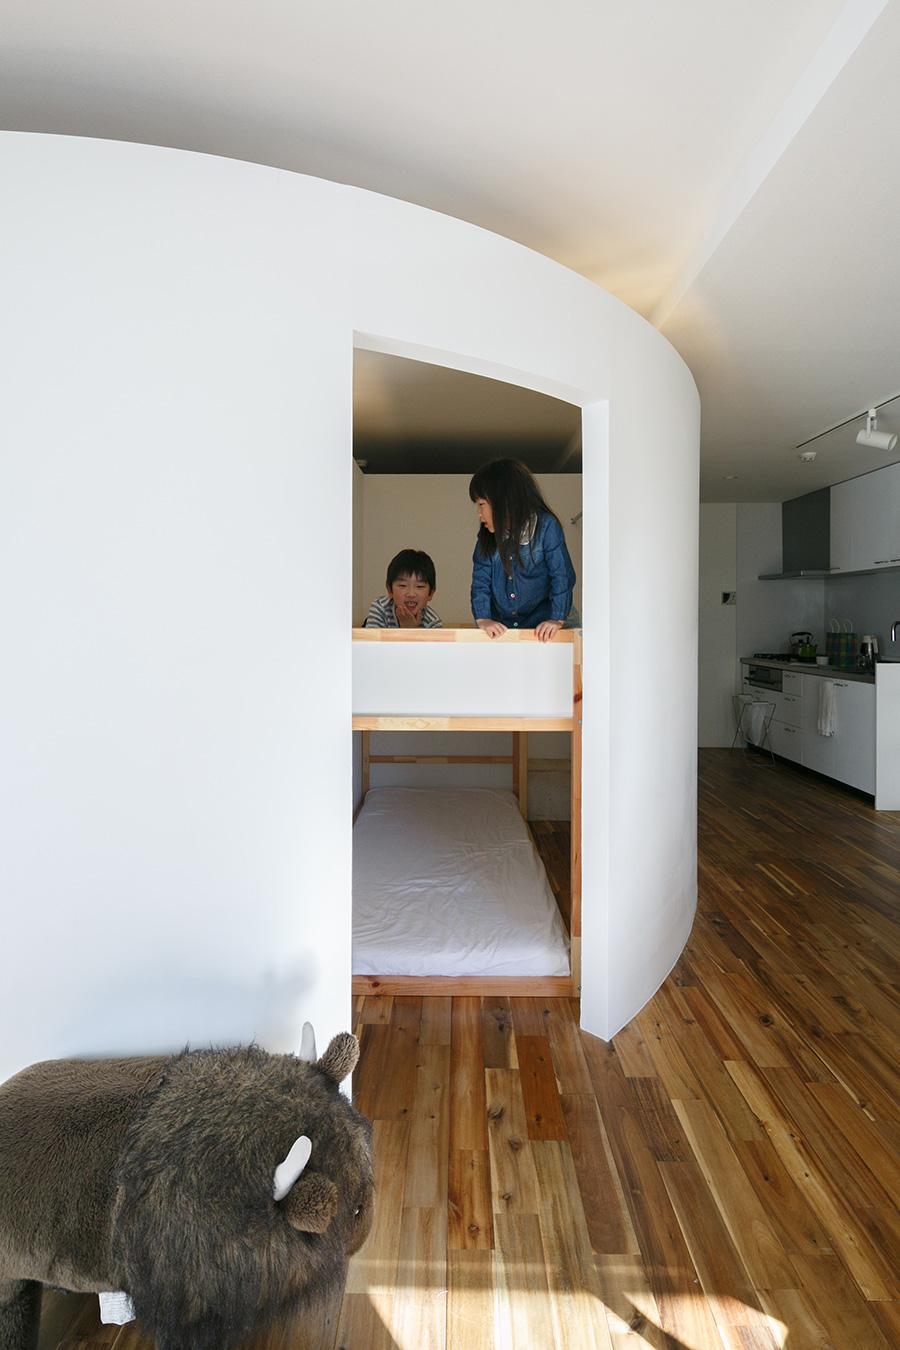 窓際からLDKを見通す。子ども用のスペースの2段ベッドから顔を出すきょうだい。ベッドは購入前に計測し、ピッタリと収まるように設計してもらった。